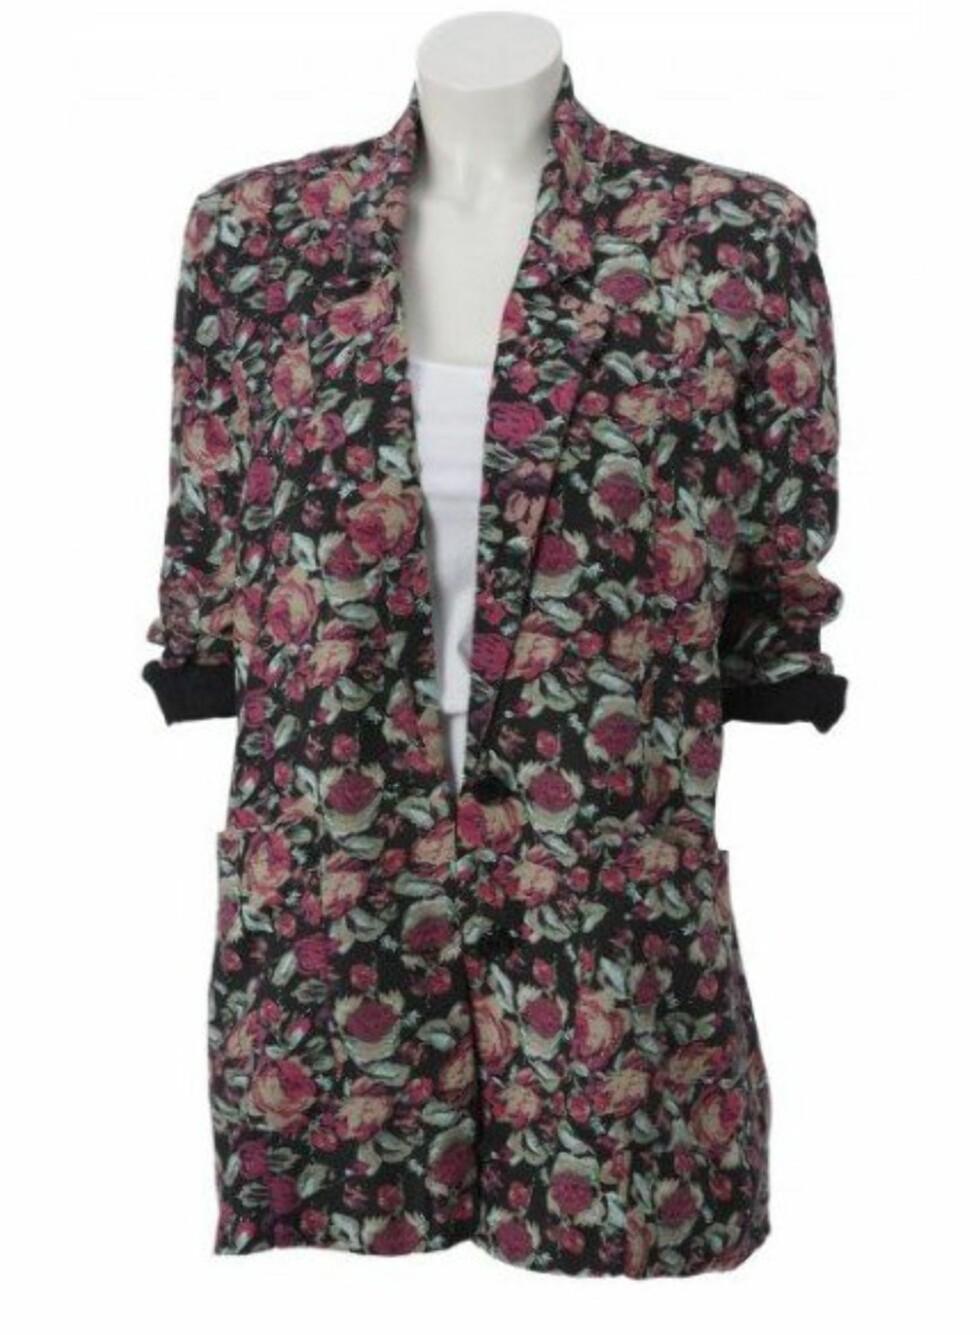 Blomstrete blazer med lommer (kr 250, Gina Tricot).